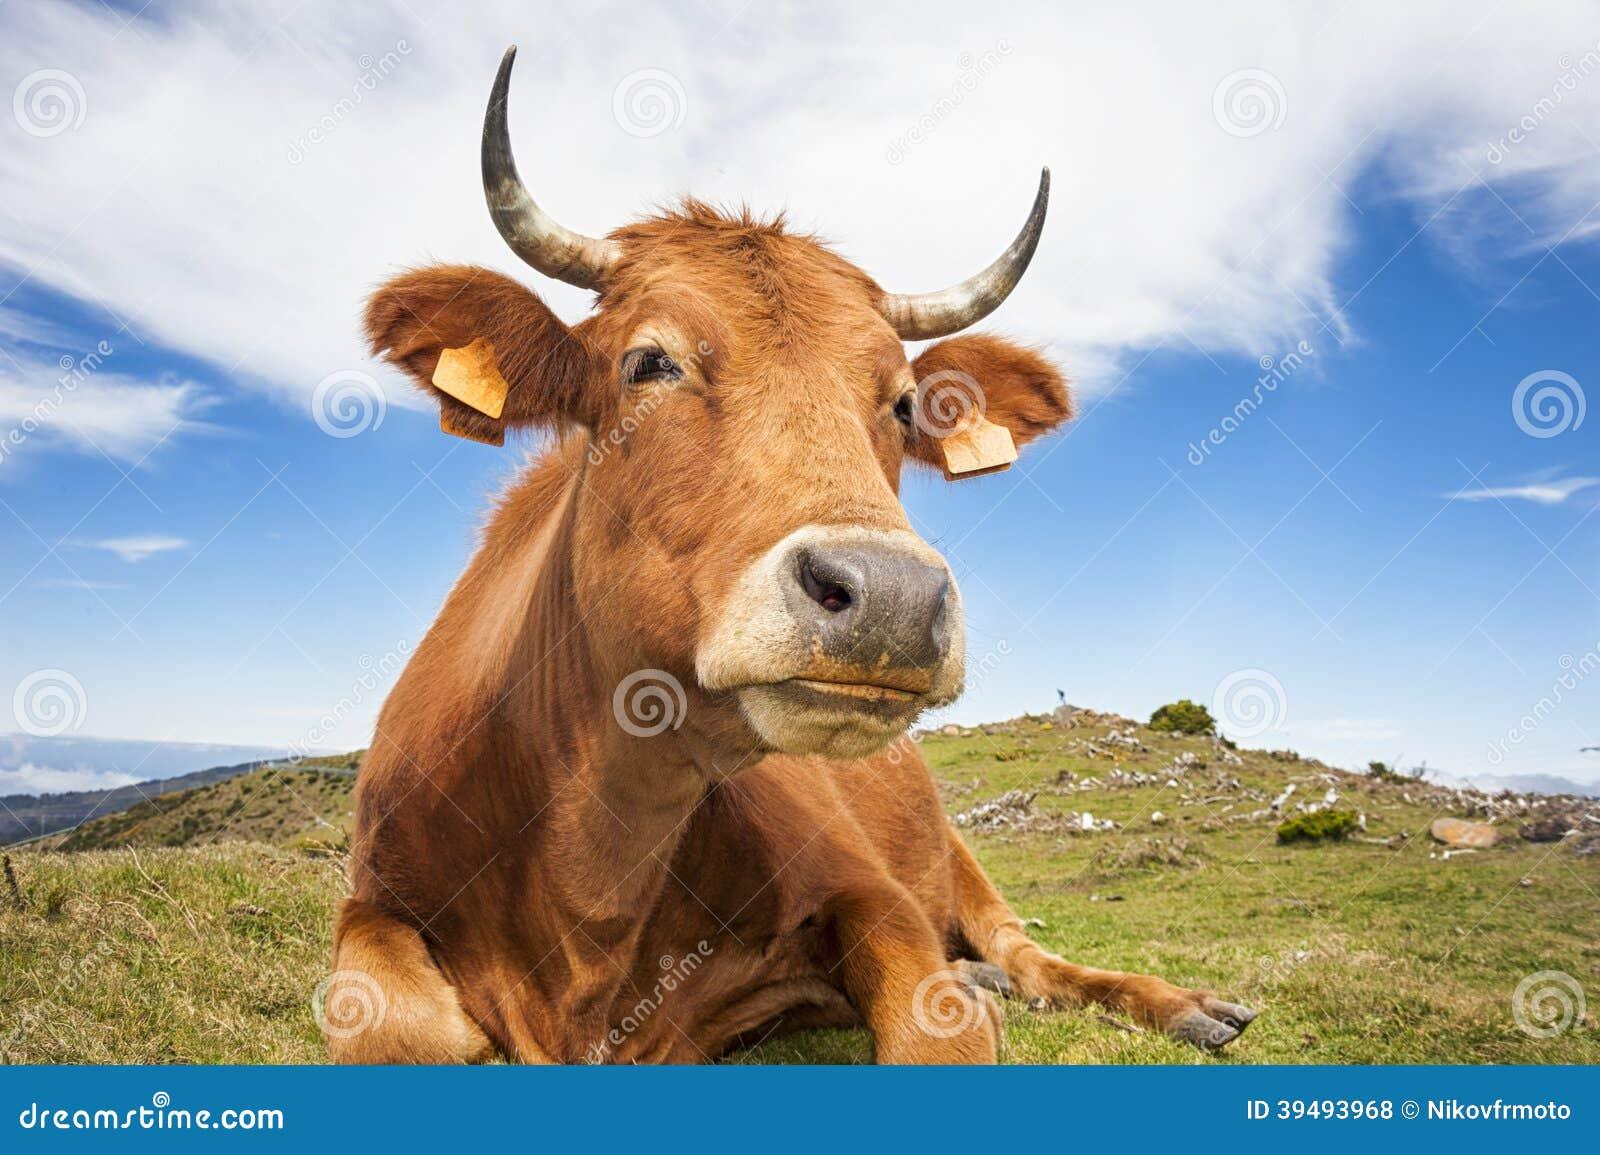 lustige kuh stockfoto bild von bauernhof lustig